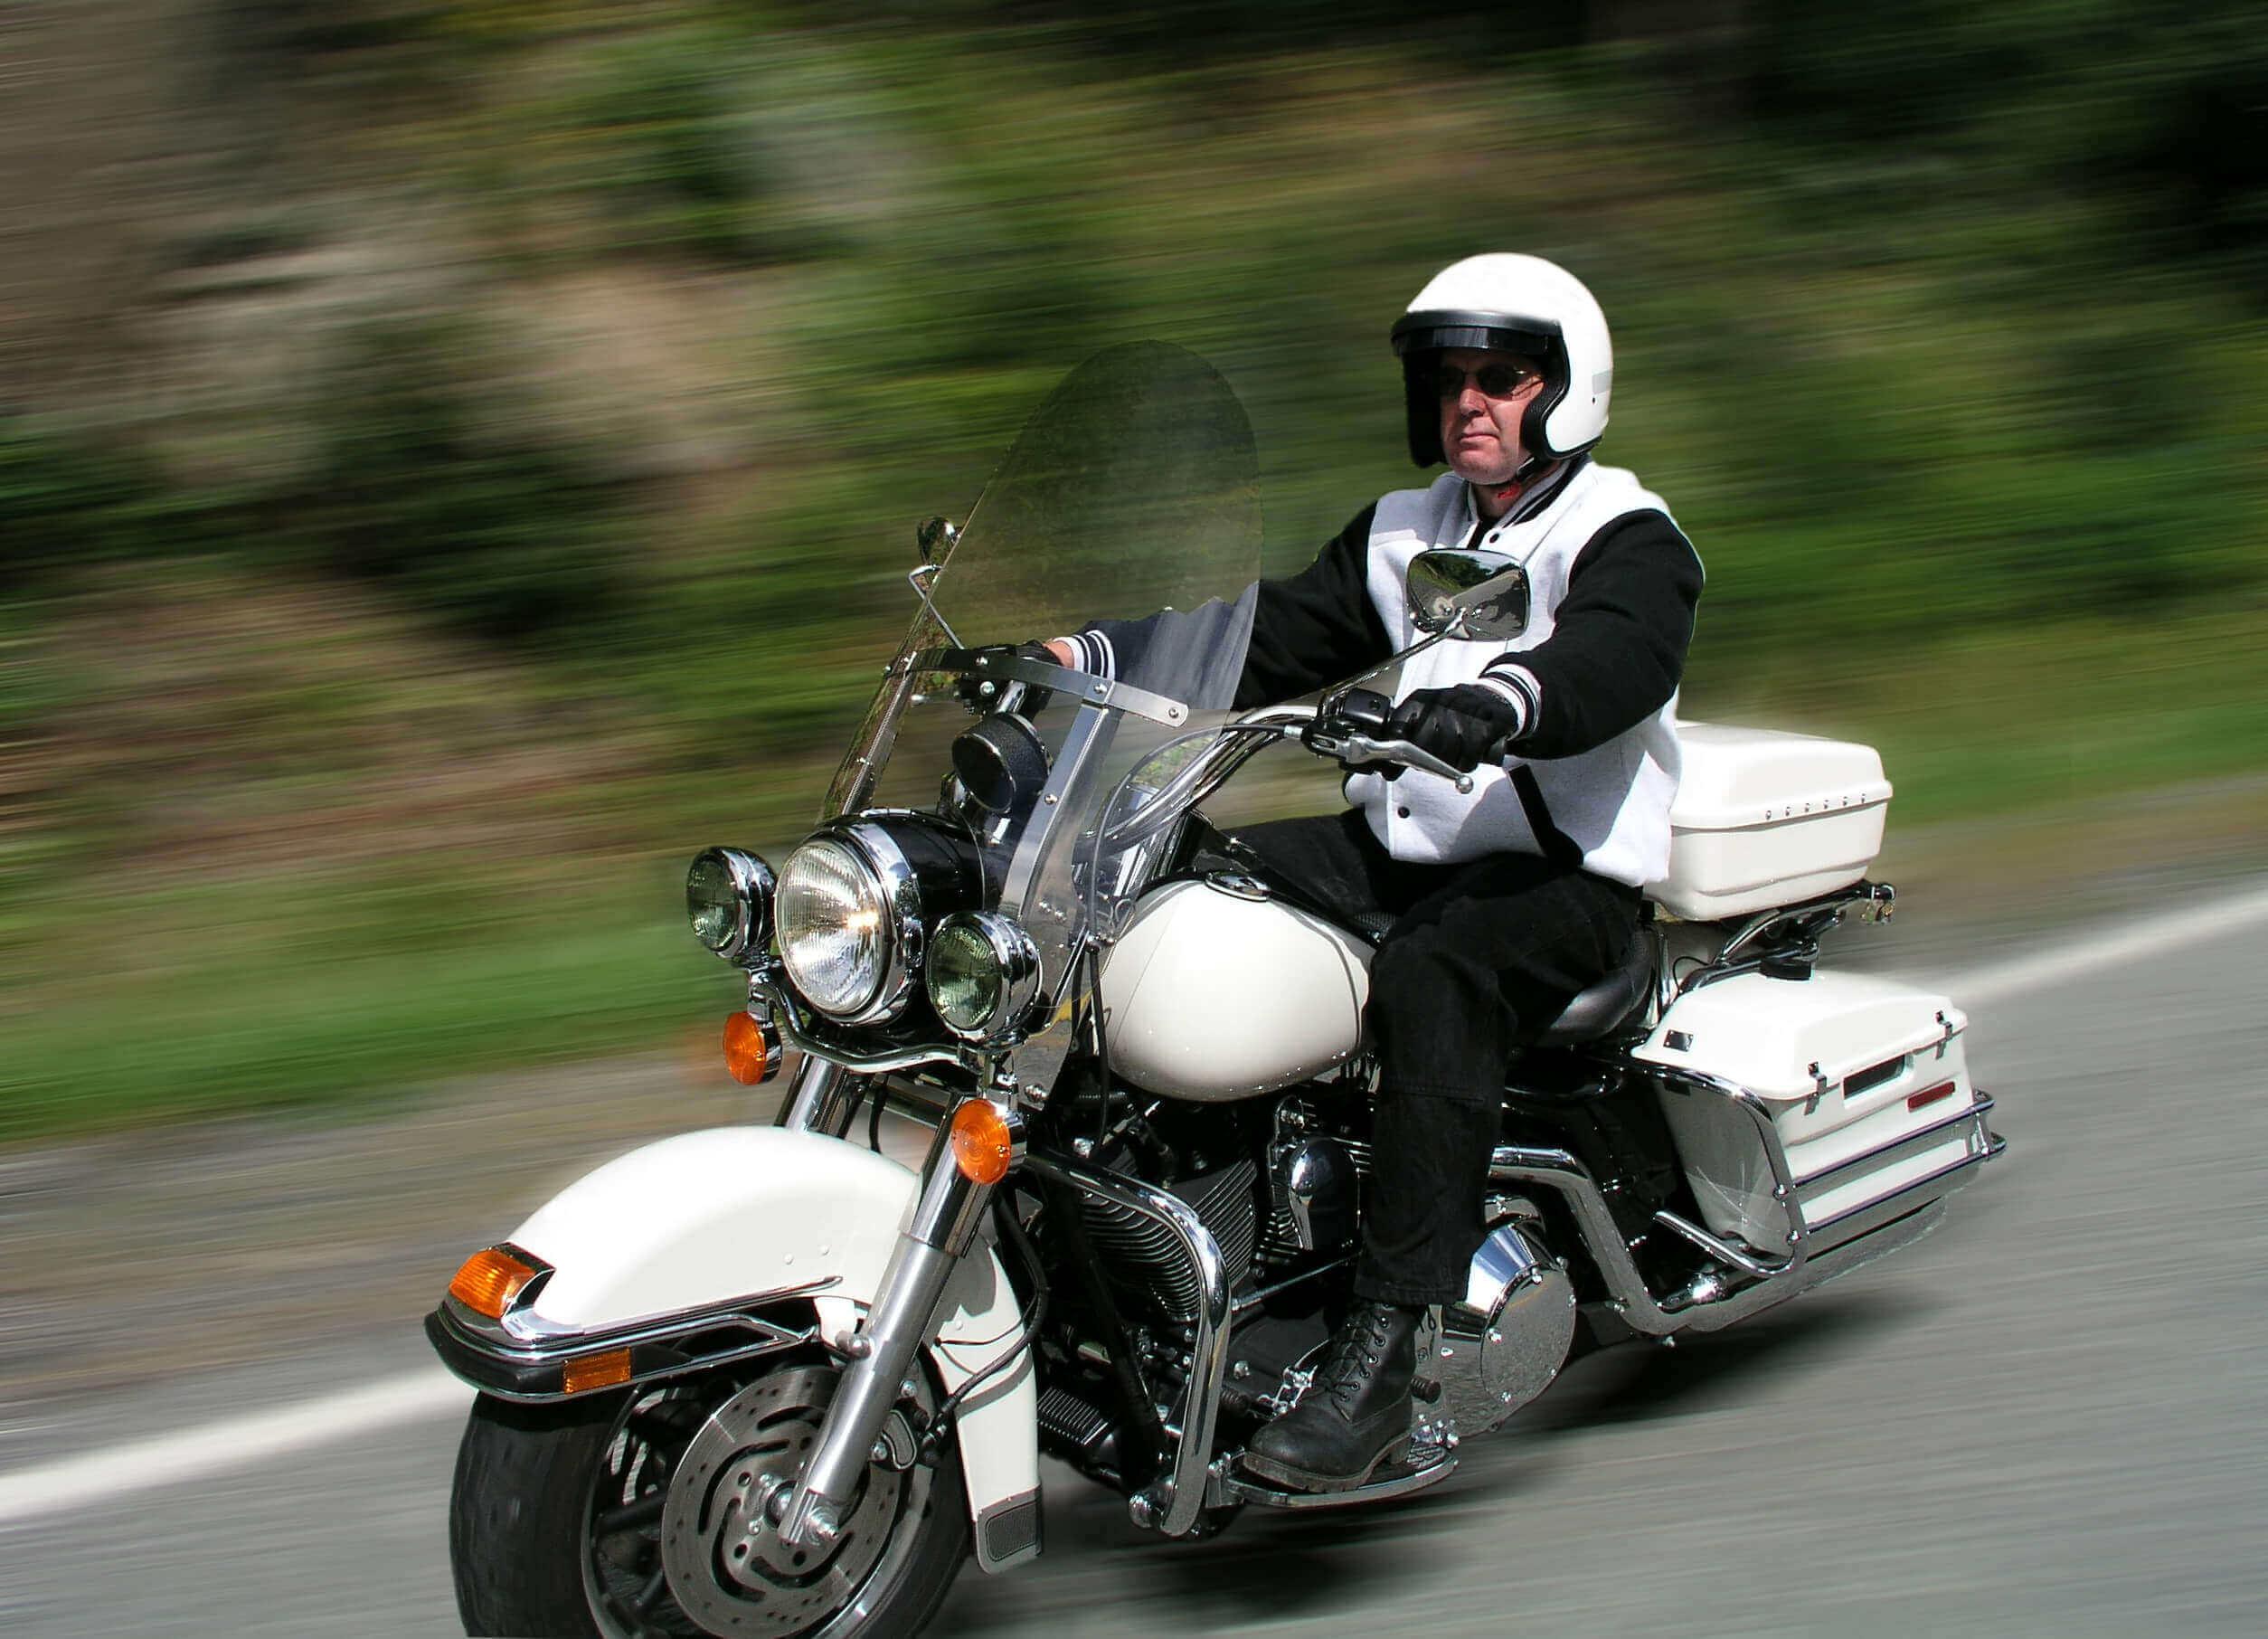 Viisi asiaa, jotka myyjä voi oppia motoristilta